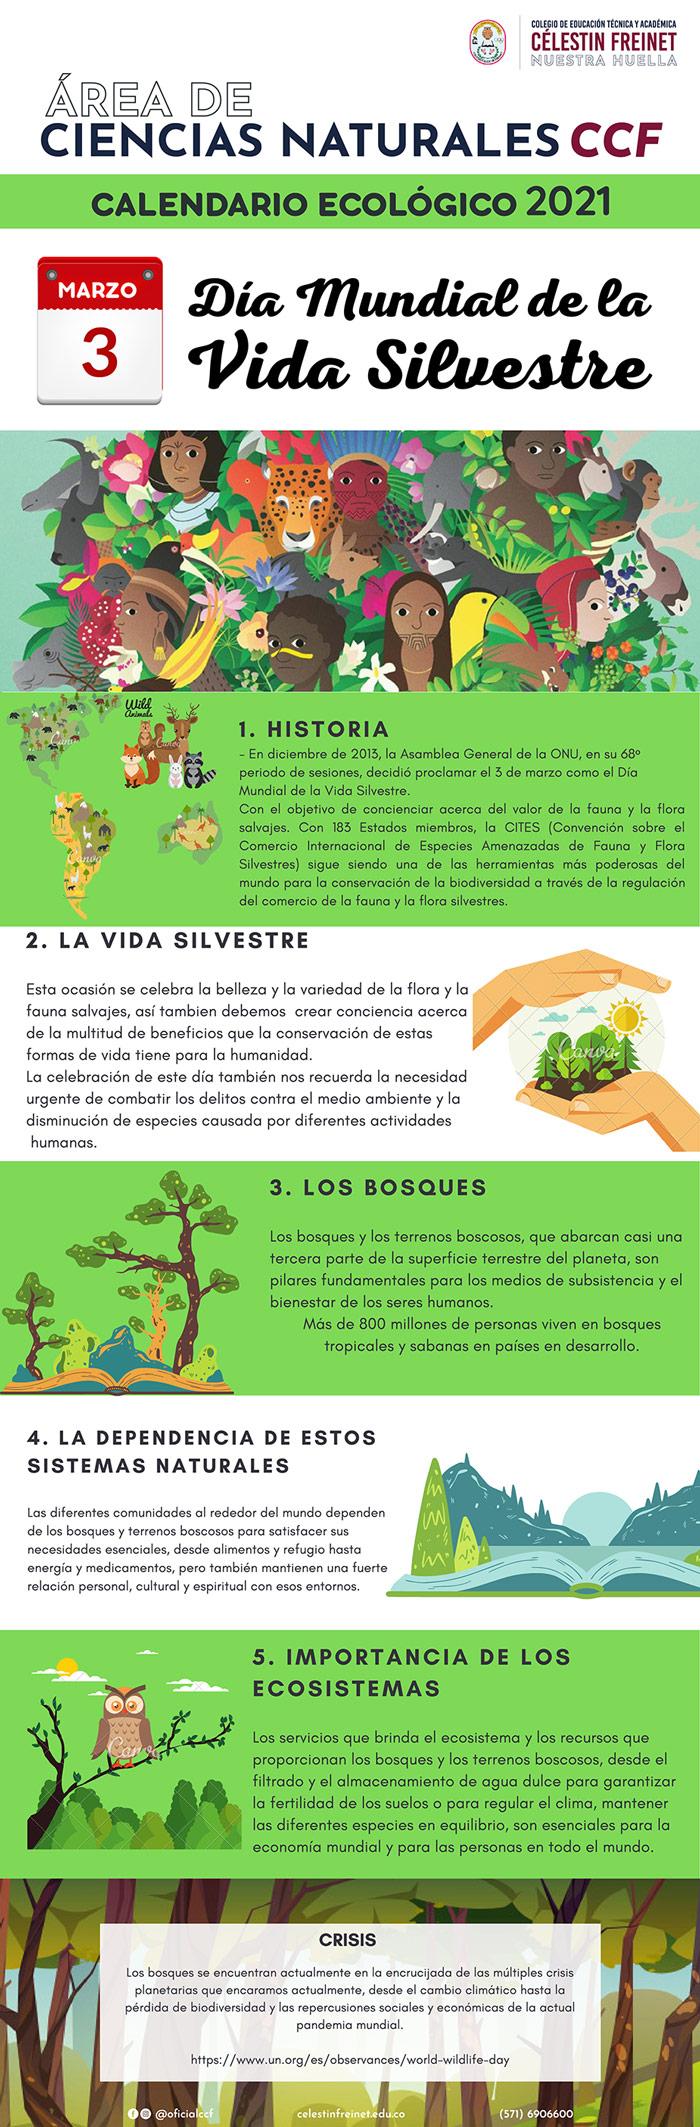 Día Mundial de la Vida Silvestre   Infografía